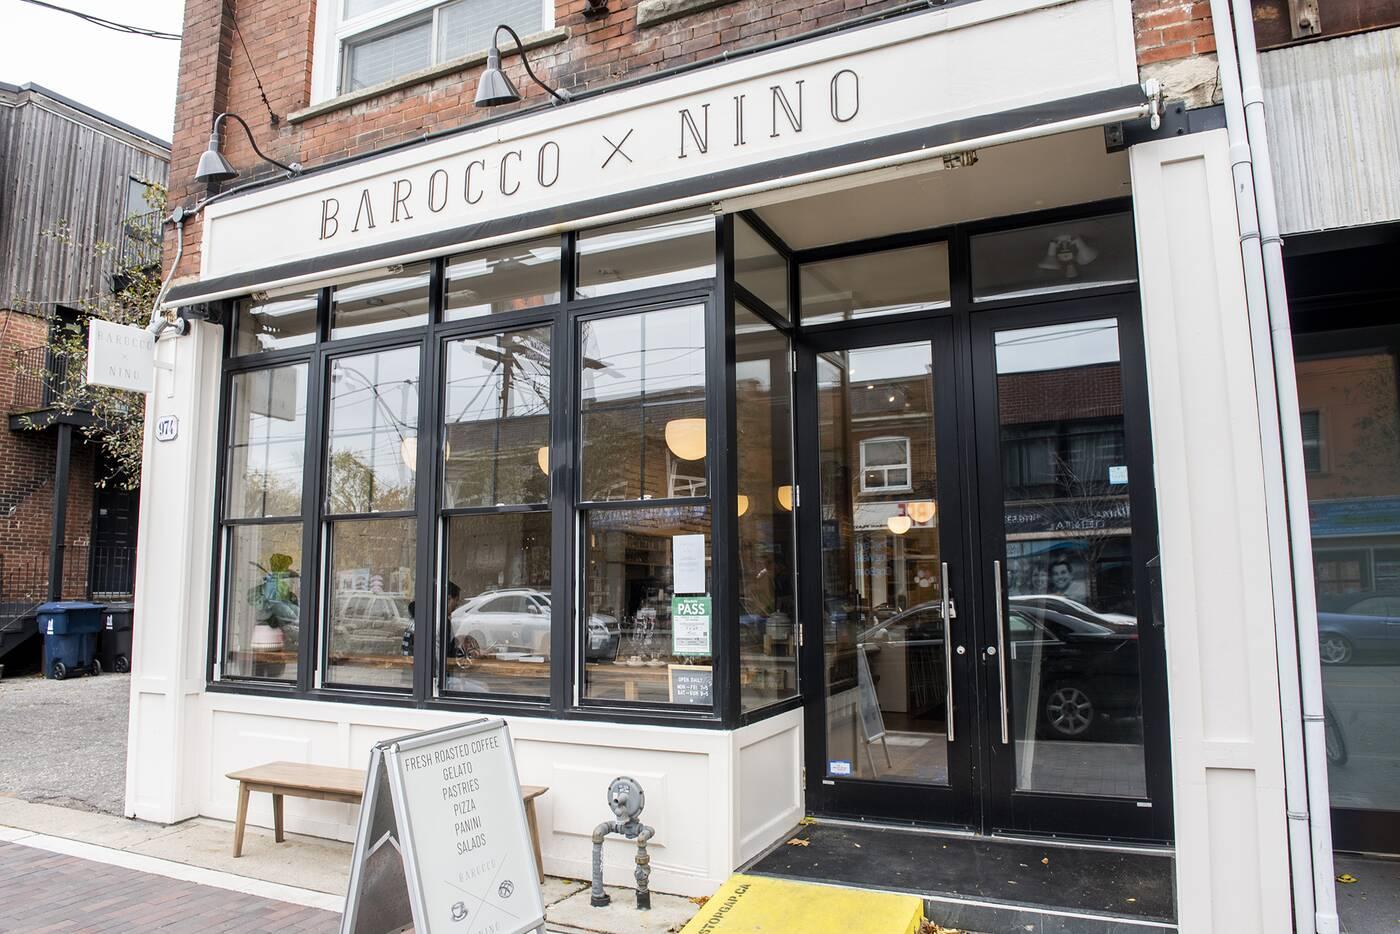 Barocco x Nino Toronto